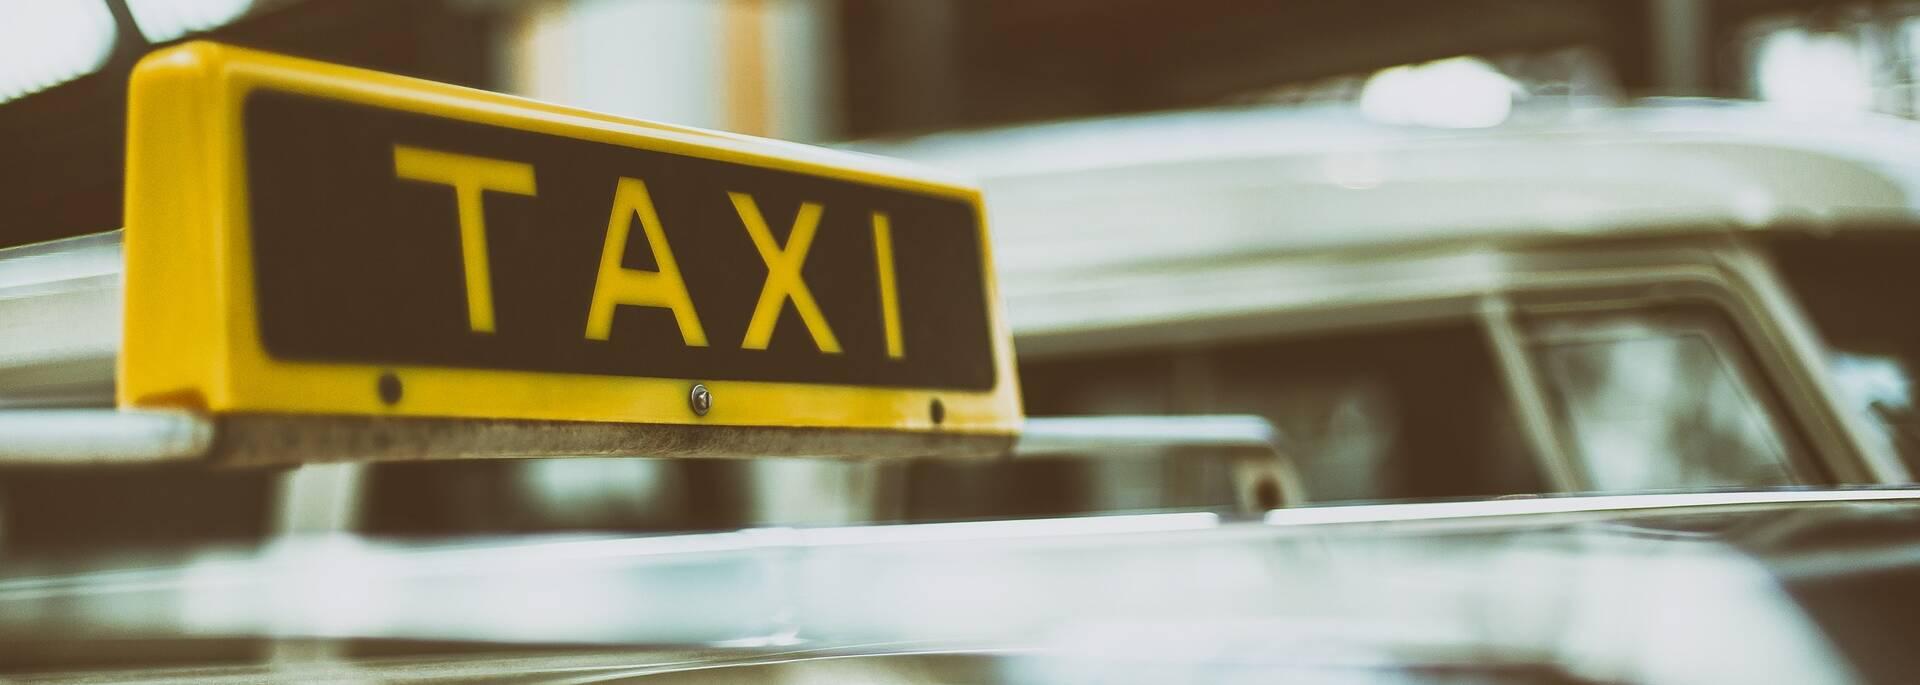 Coger un taxi en Angers